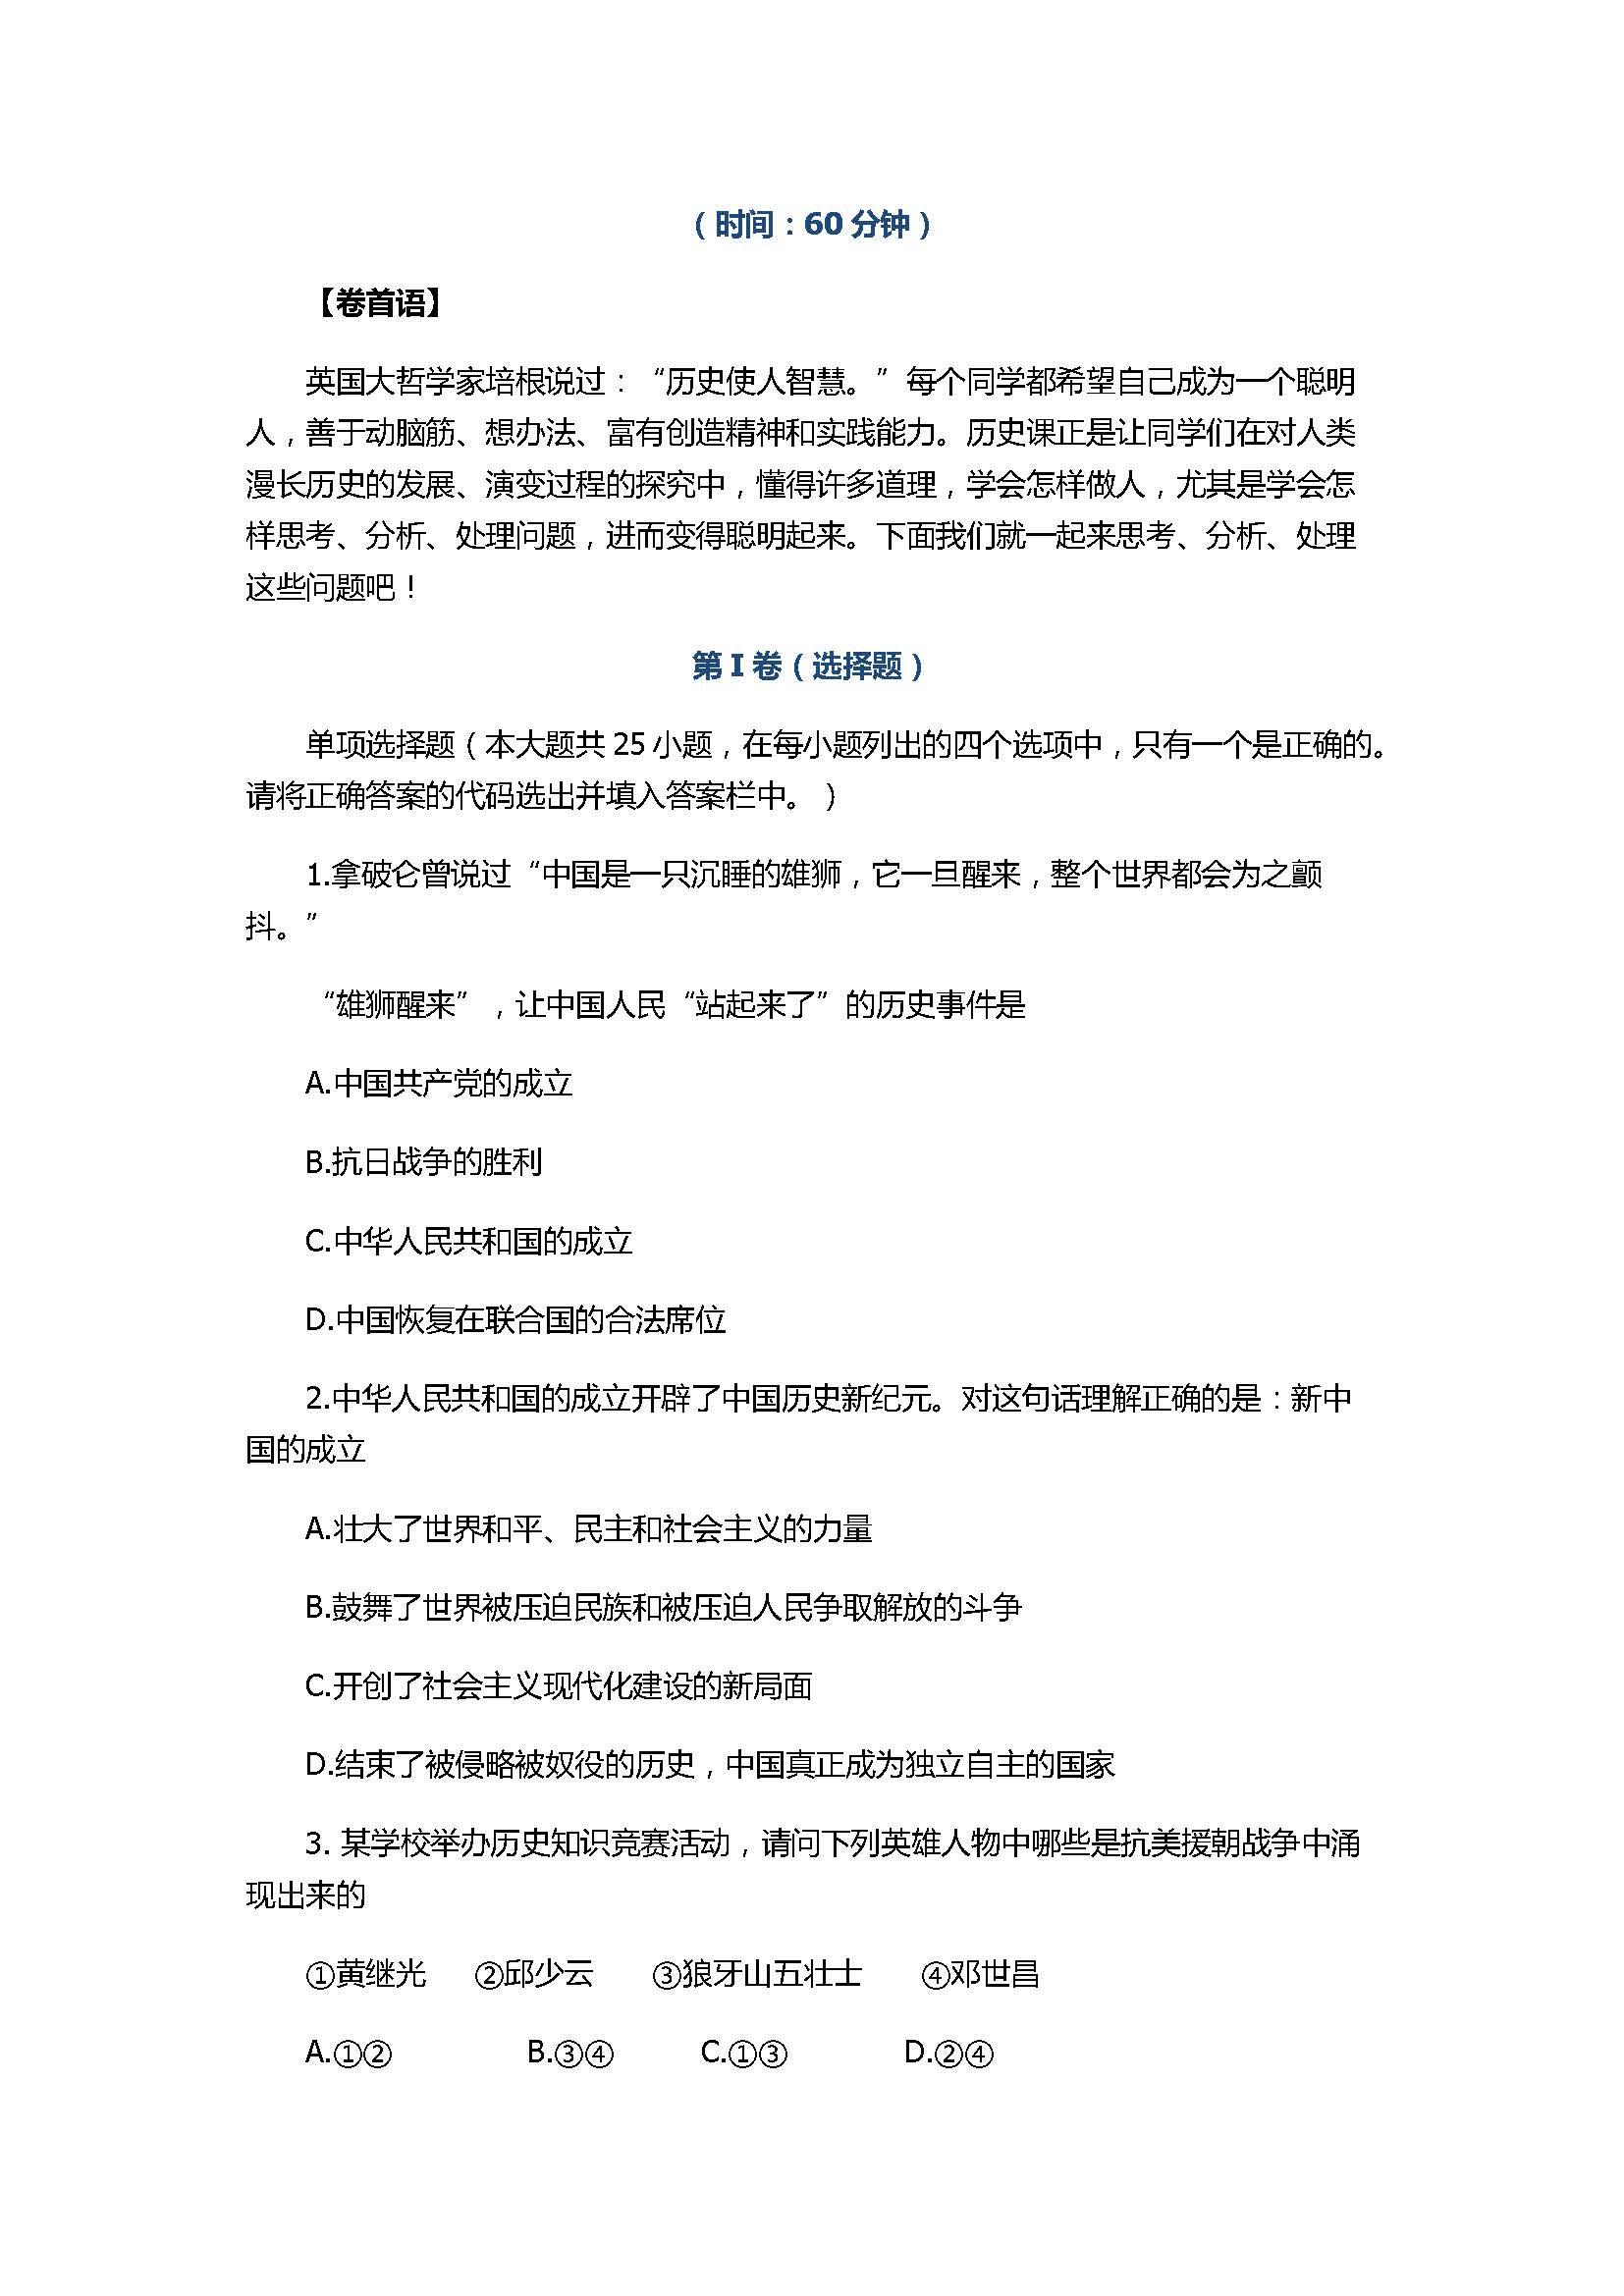 2017八年级历史下册期末试题含参考答案(山东省商河县)